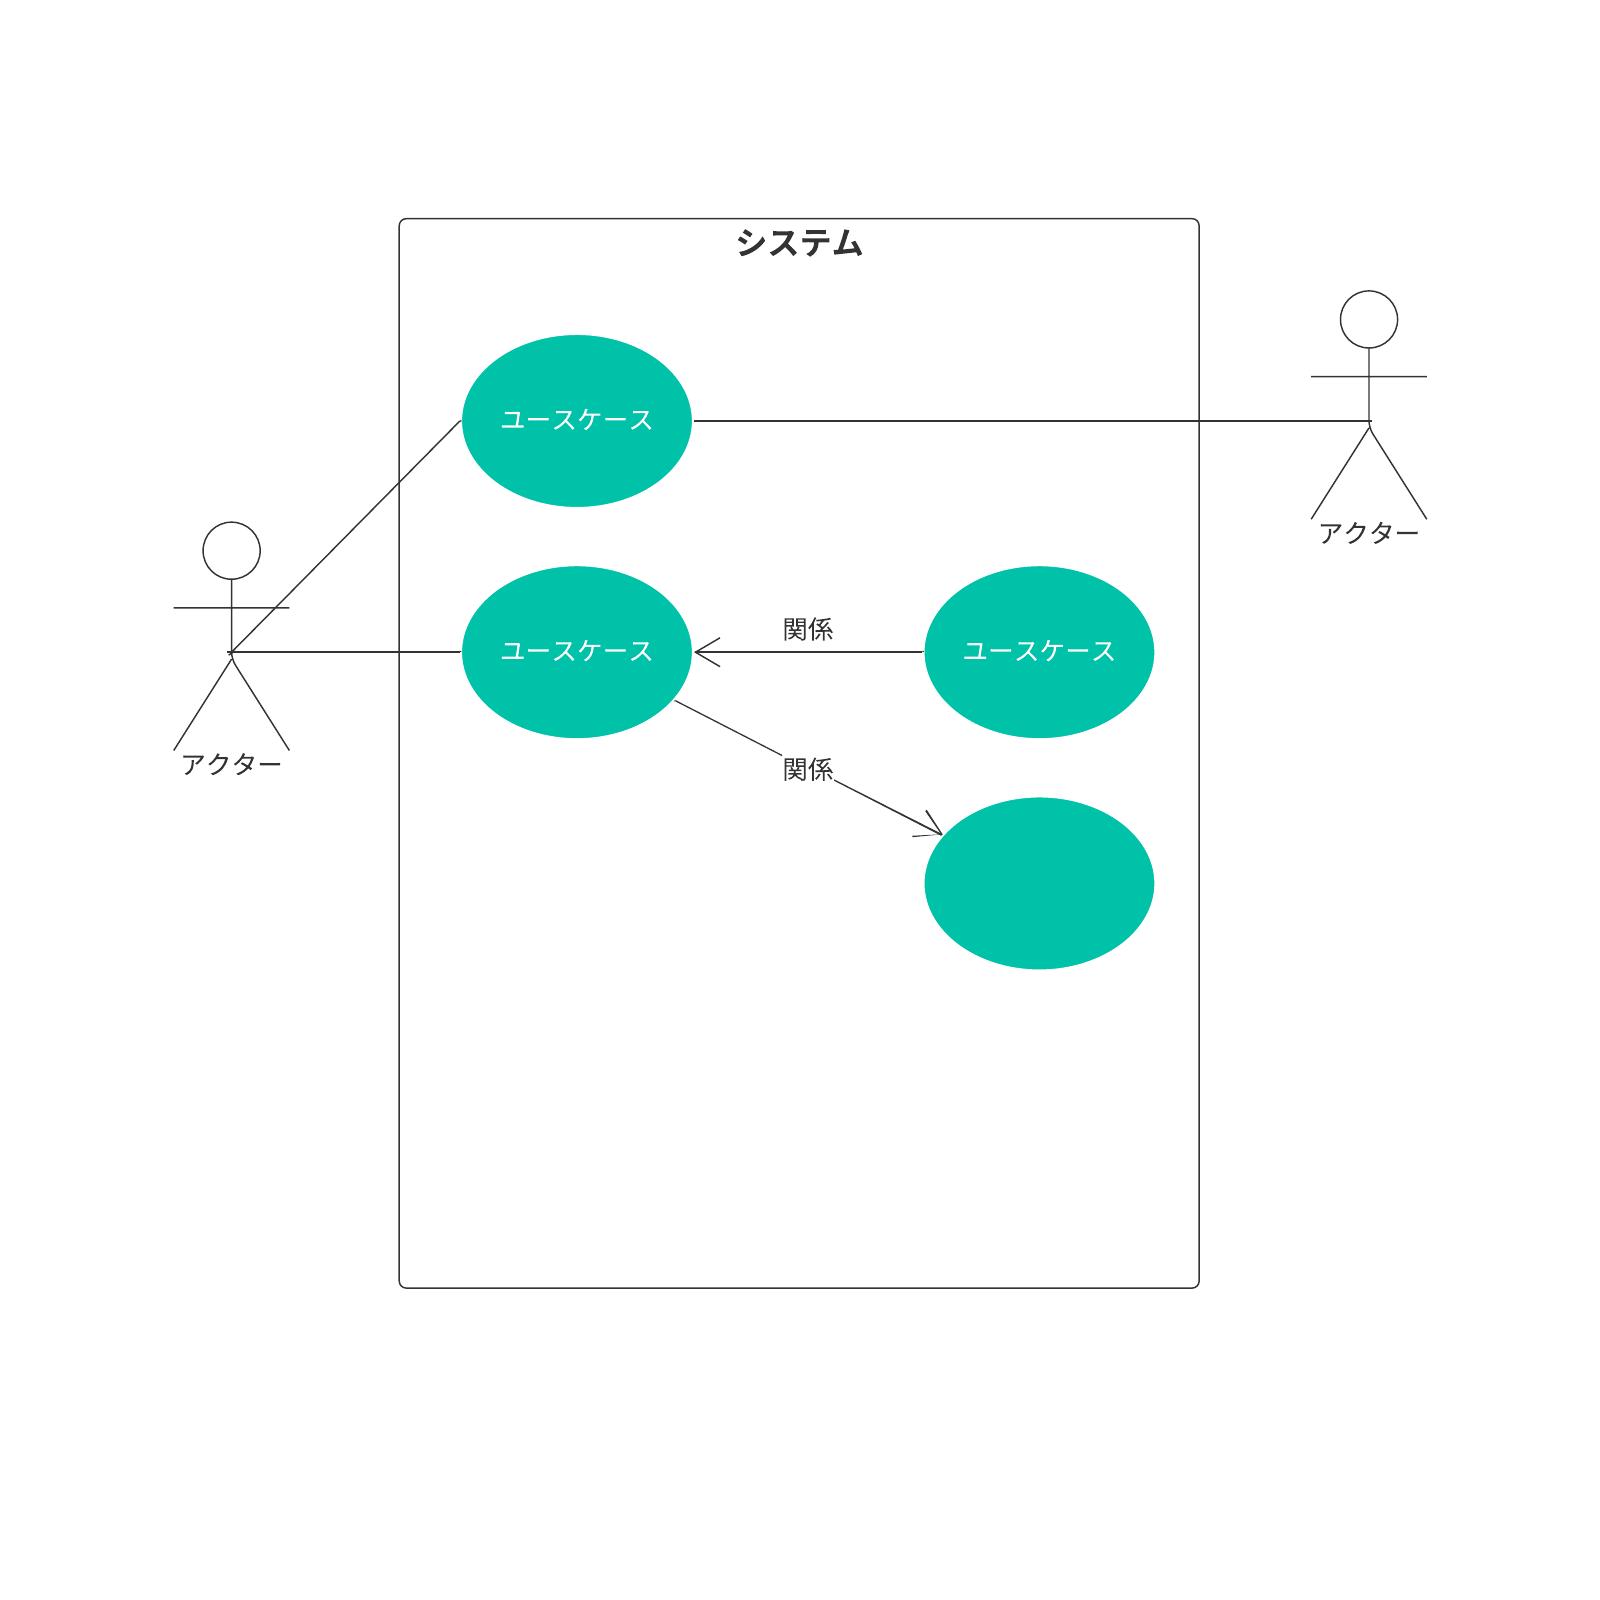 ユースケース図テンプレート